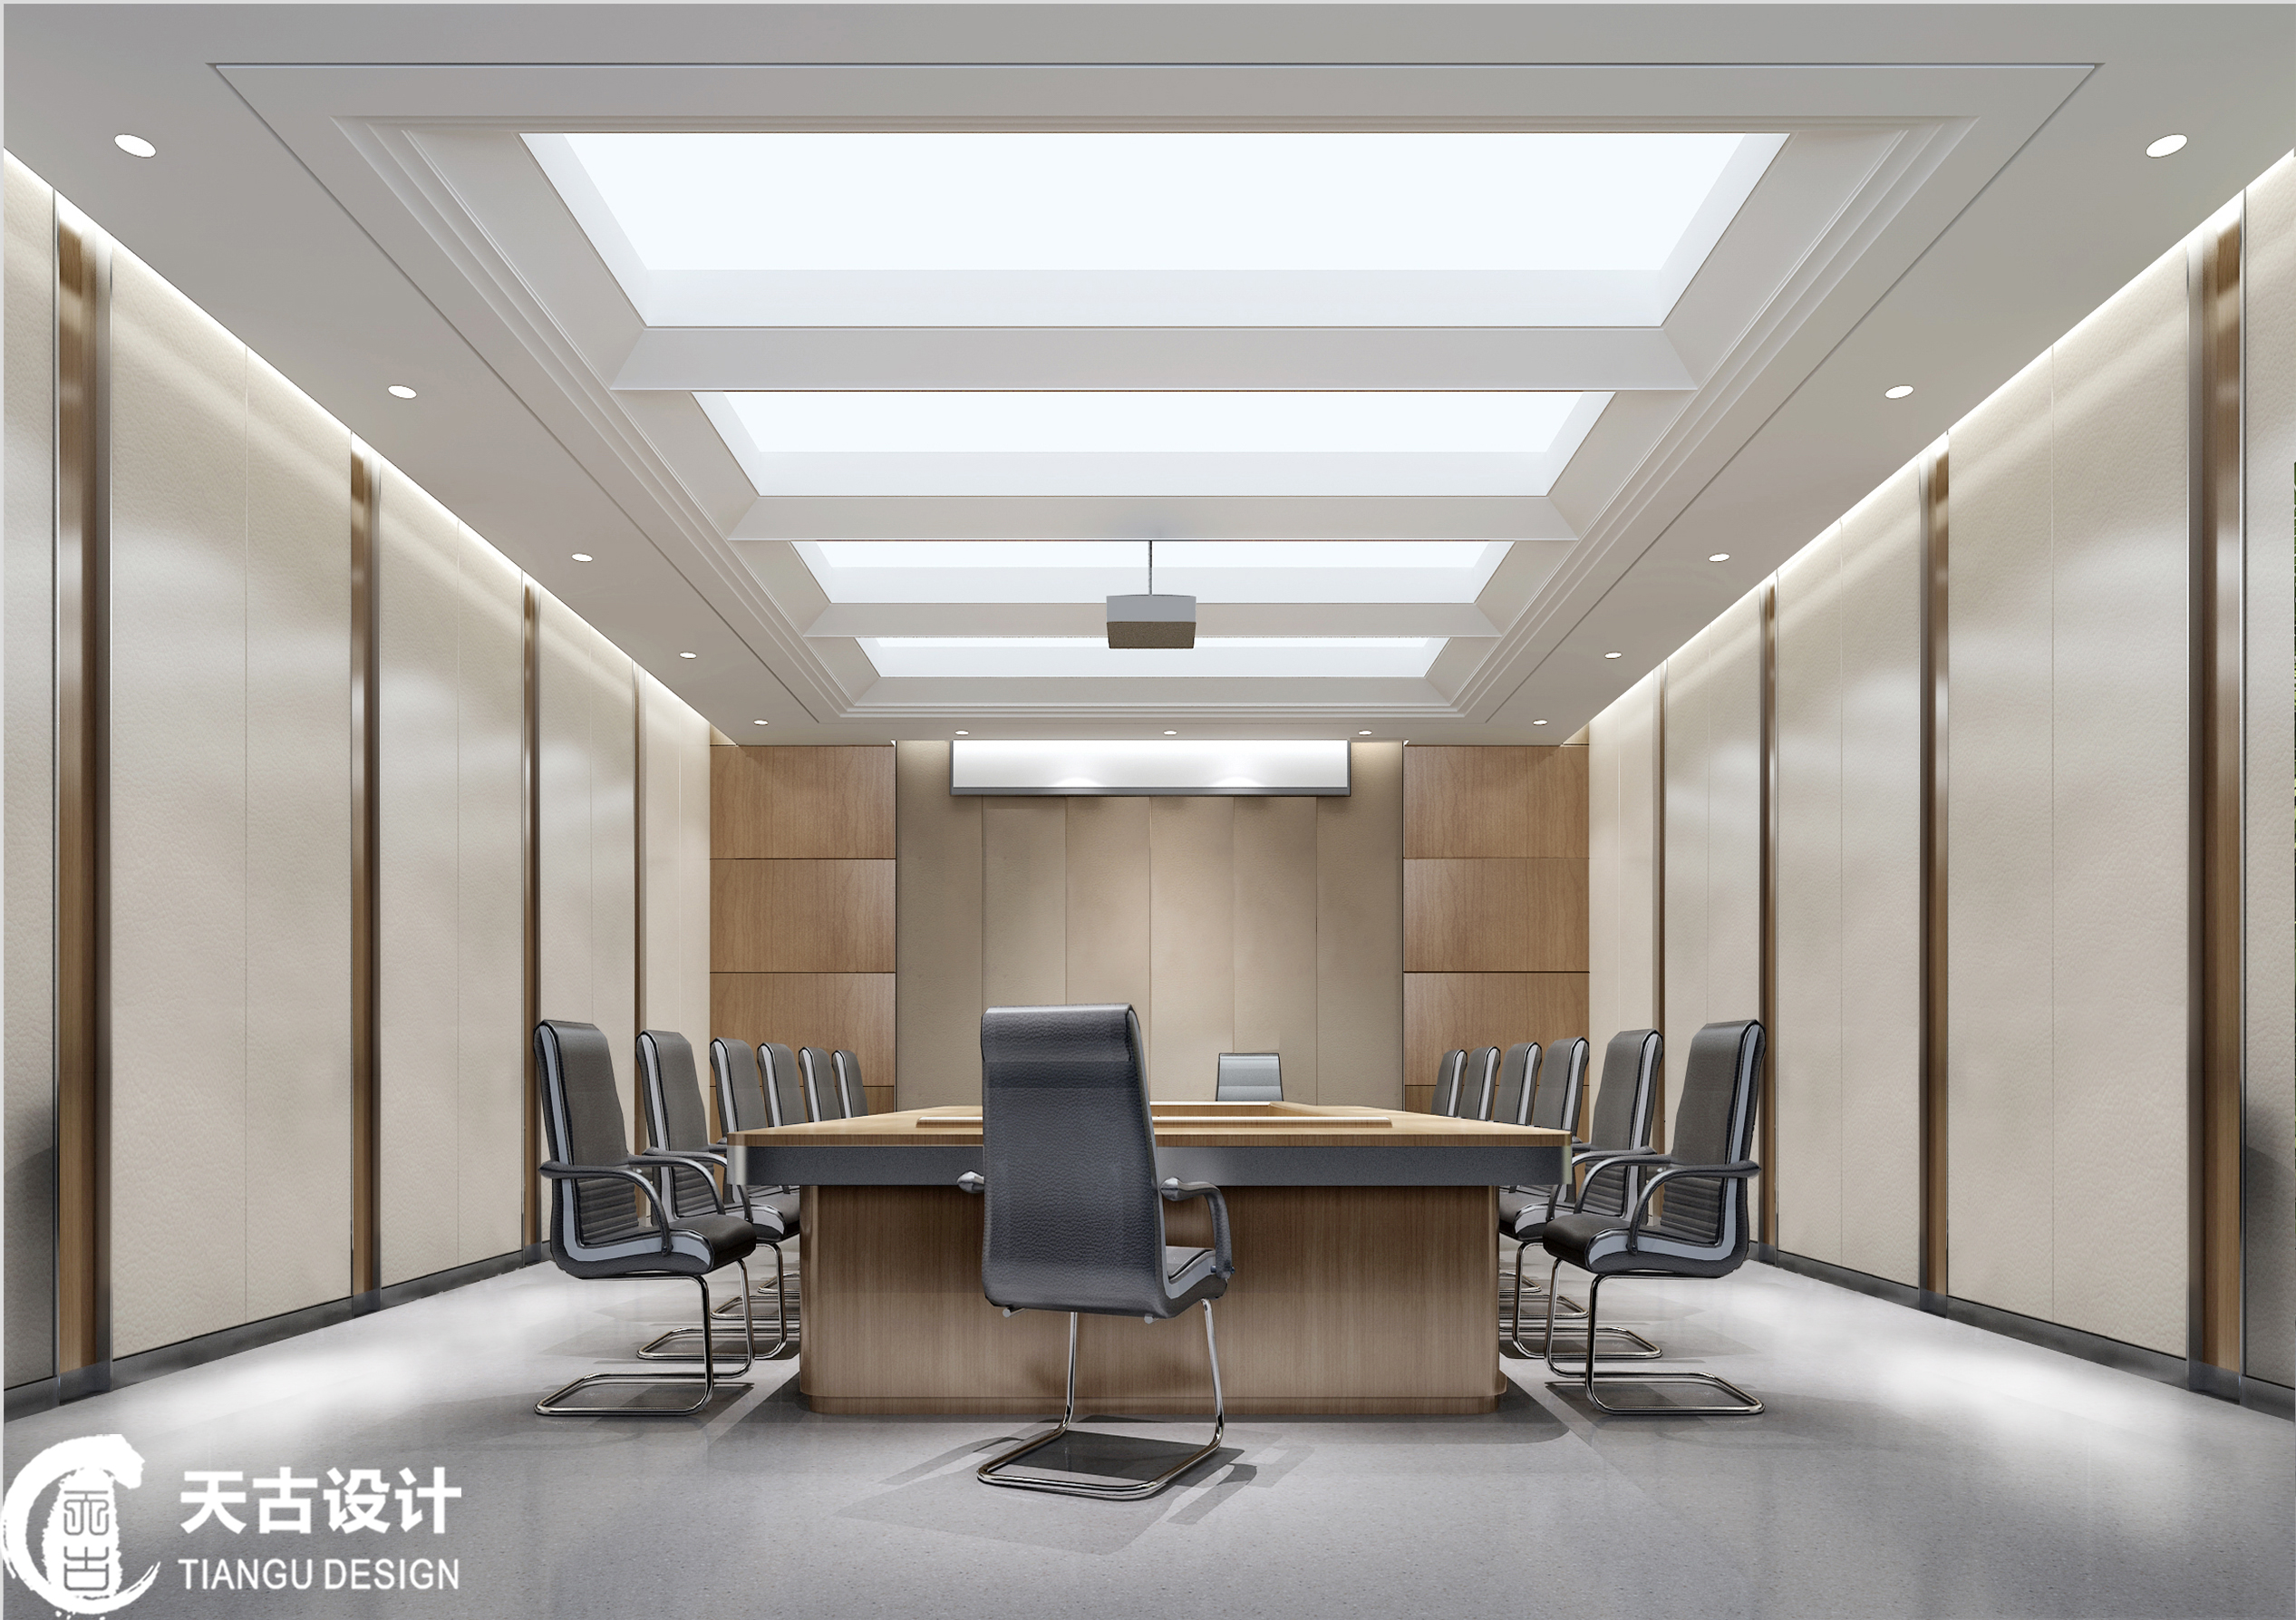 效果图制作3D制作Vray渲染空间设计室内效果图室外效果图